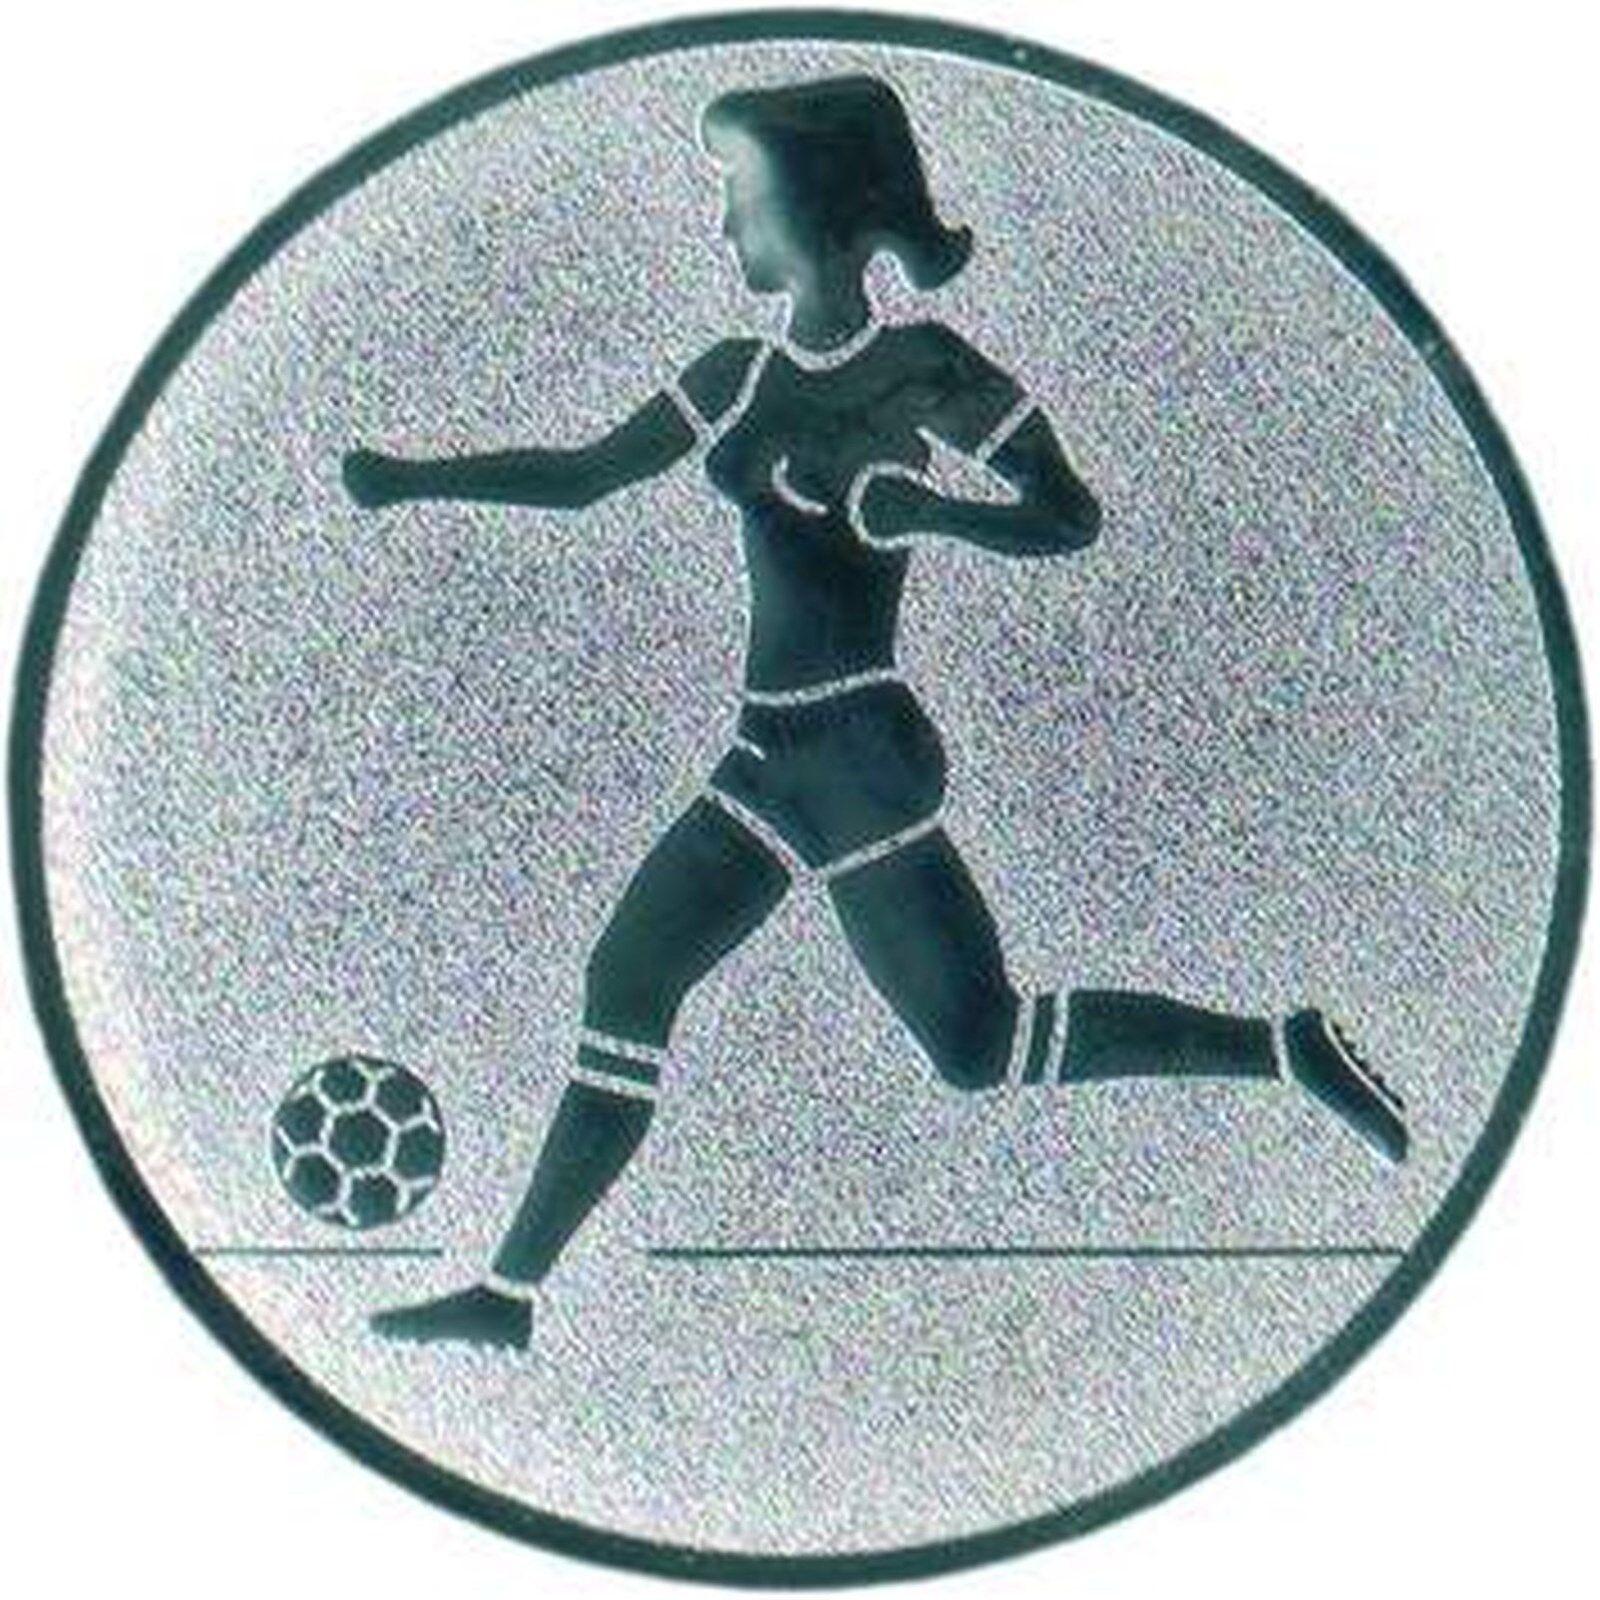 100 Embleme Fußball Durchmesser 25mm 25mm 25mm Zubehör für Pokale und Medaillen a807f0